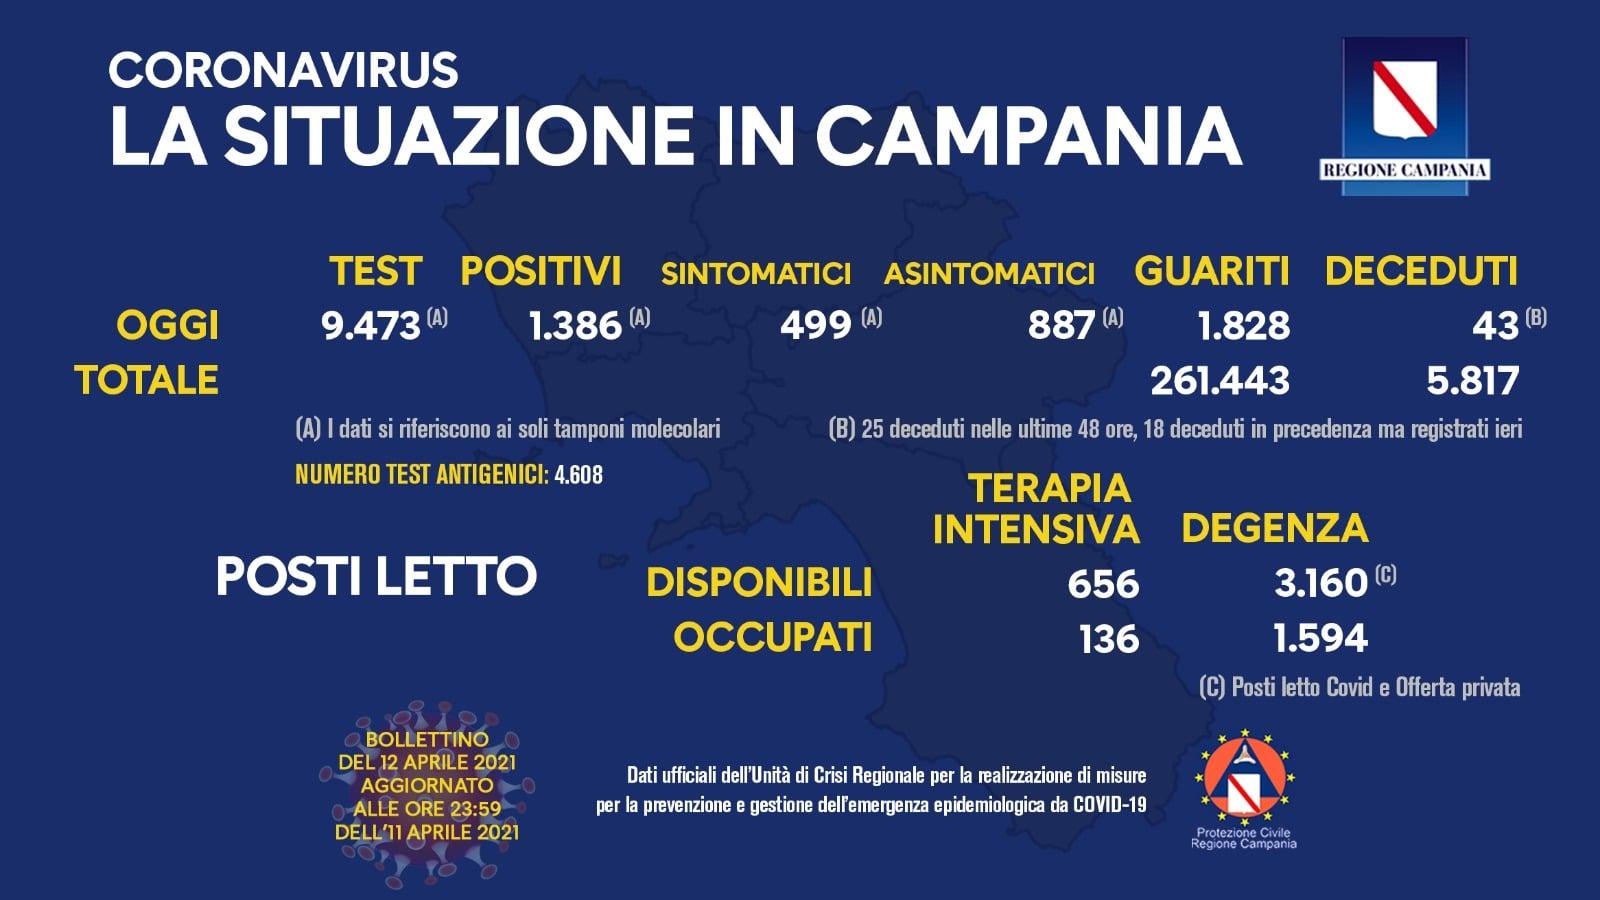 Coronavirus in Campania, bollettino del 12 aprile 2021